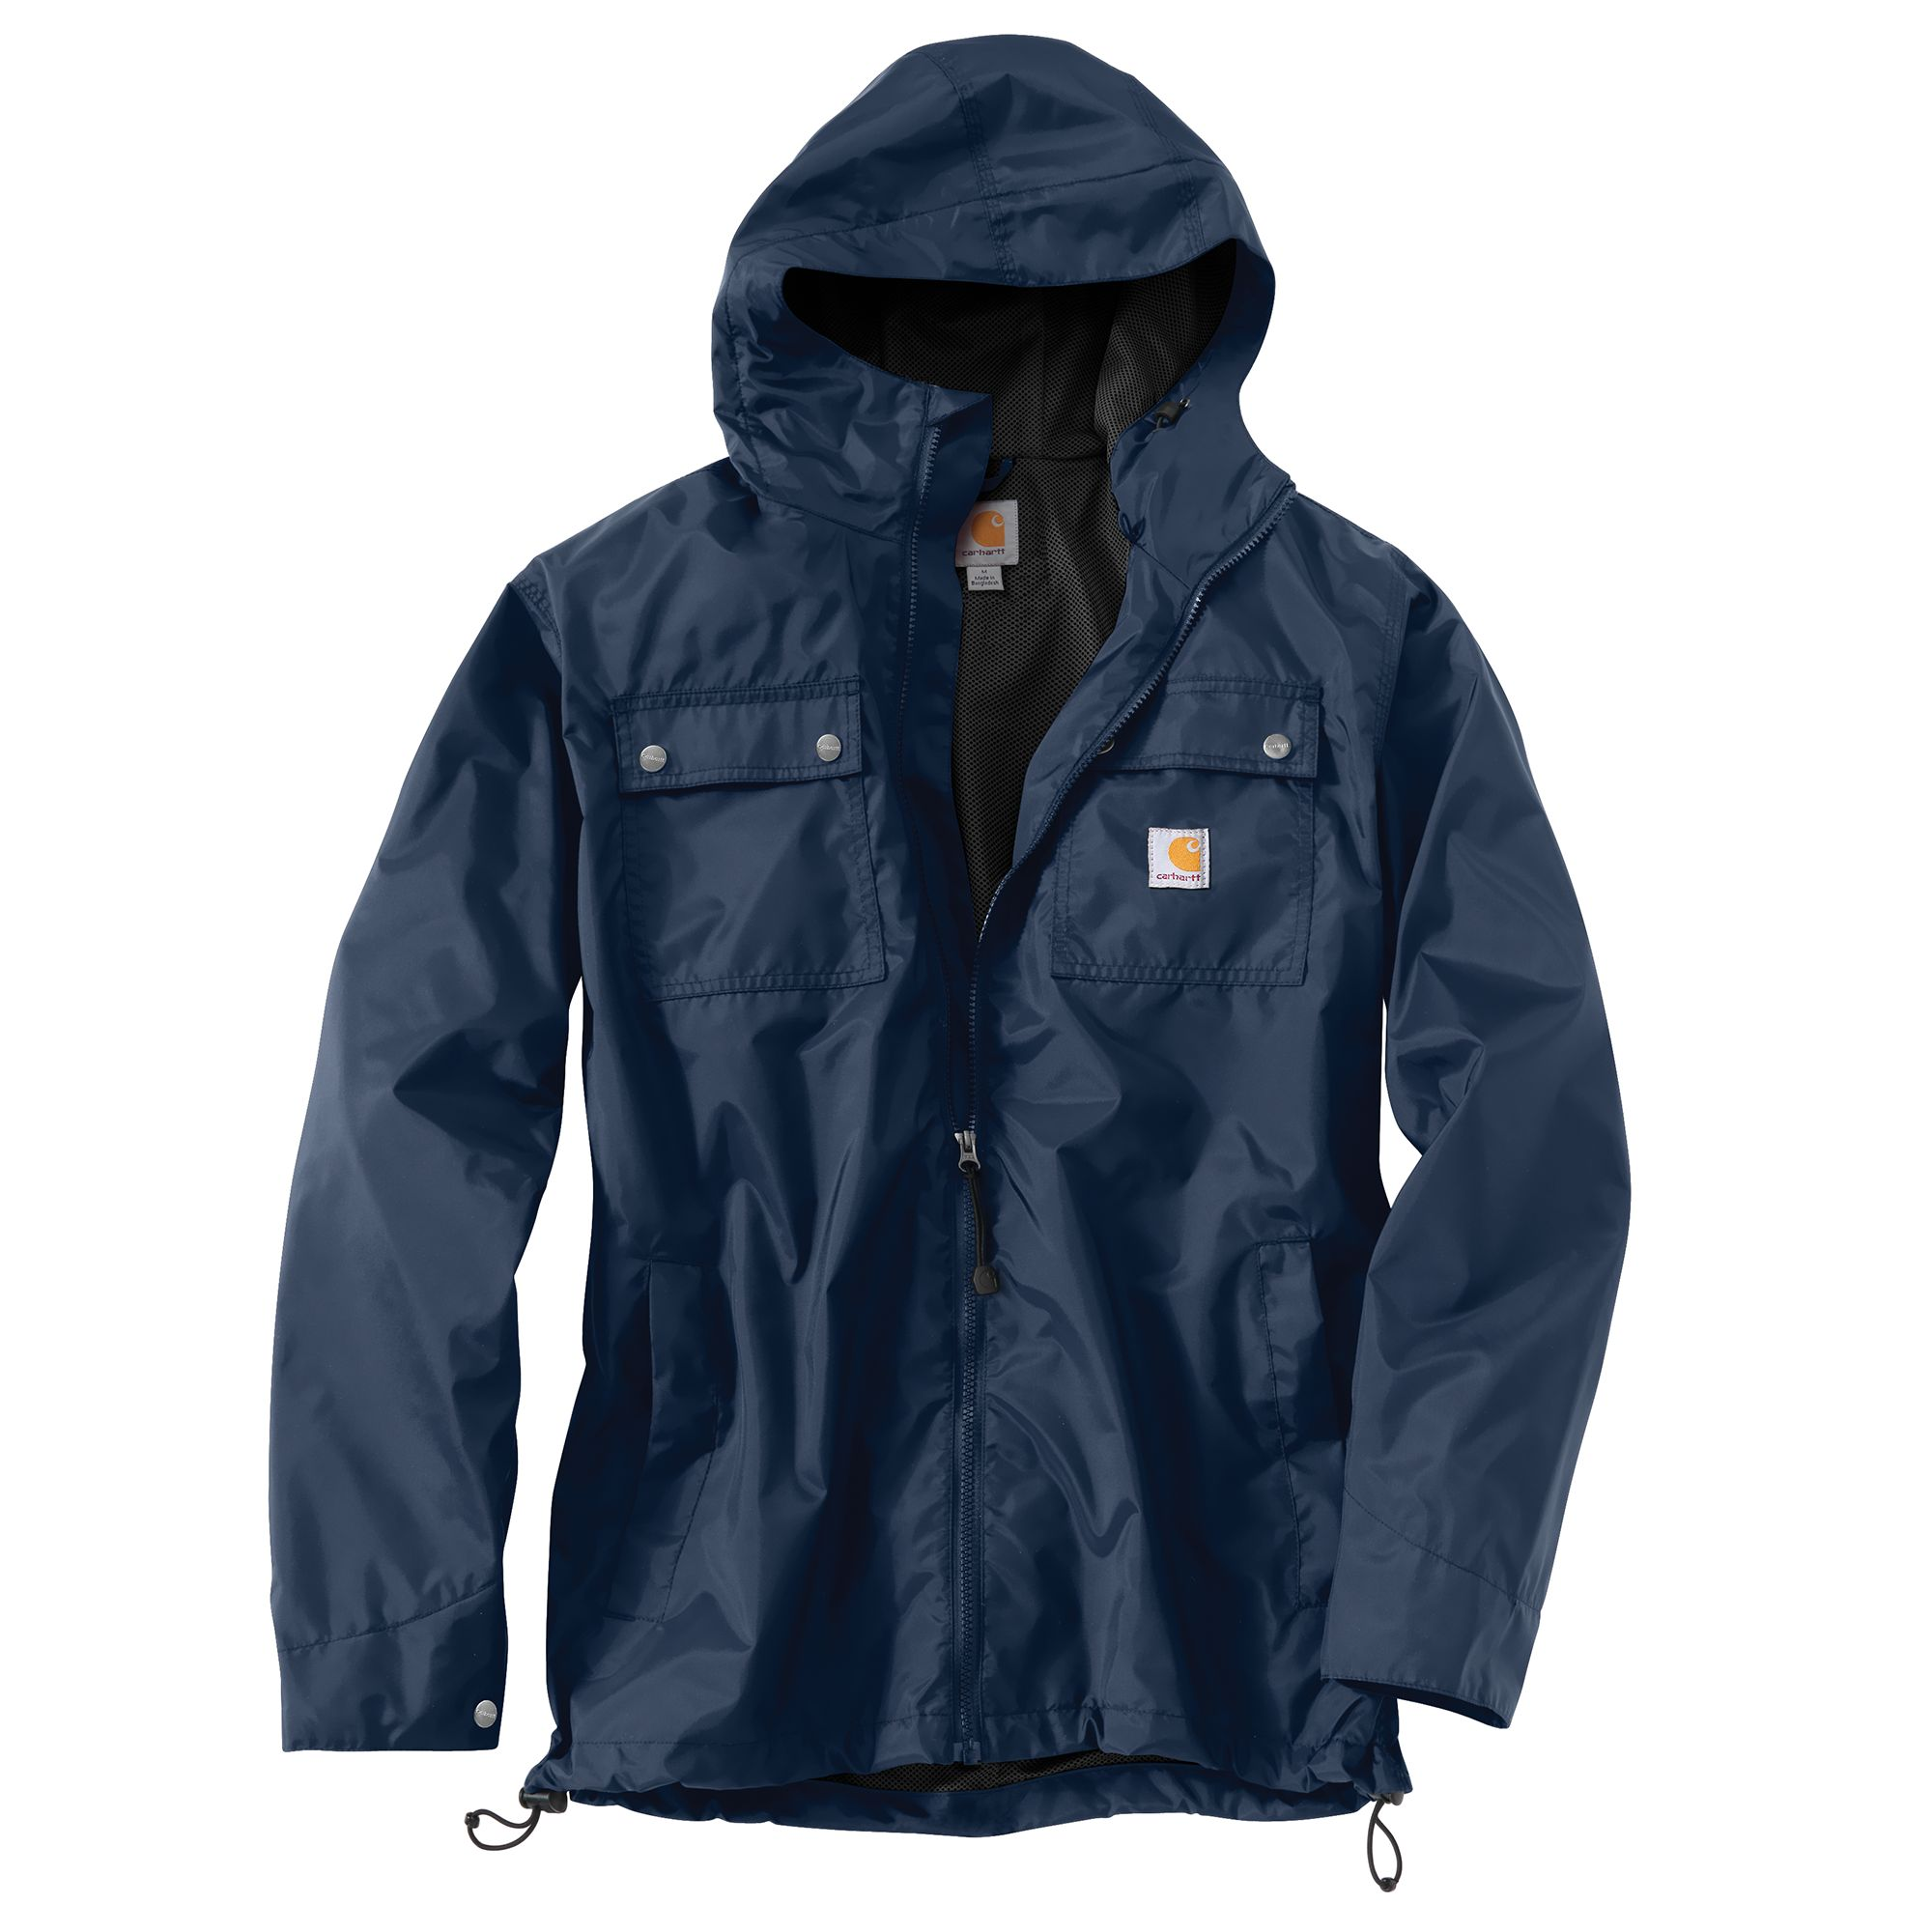 Carhartt Light Work Jacket: Carhartt 100247 Rockford Jacket Work Coat Dark Blue